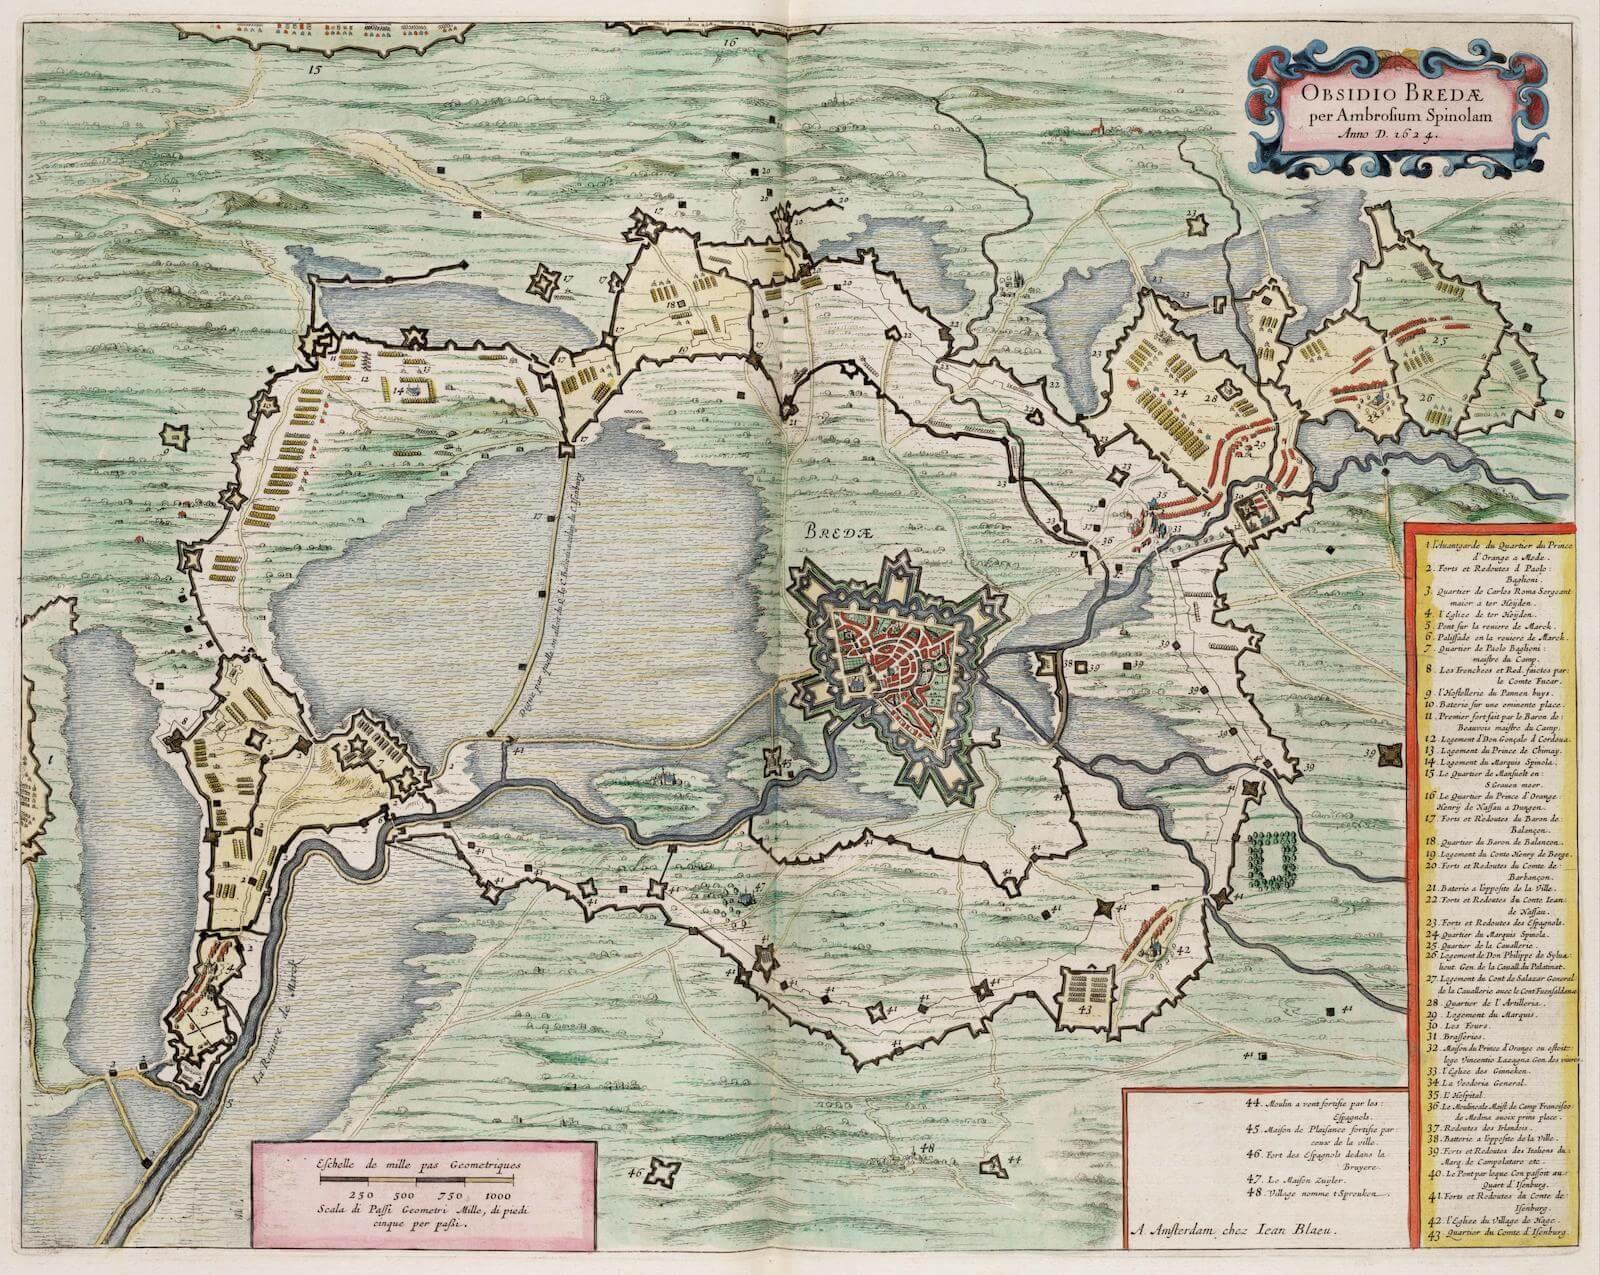 sitio de breda spínola 1624-1625 siege of breda